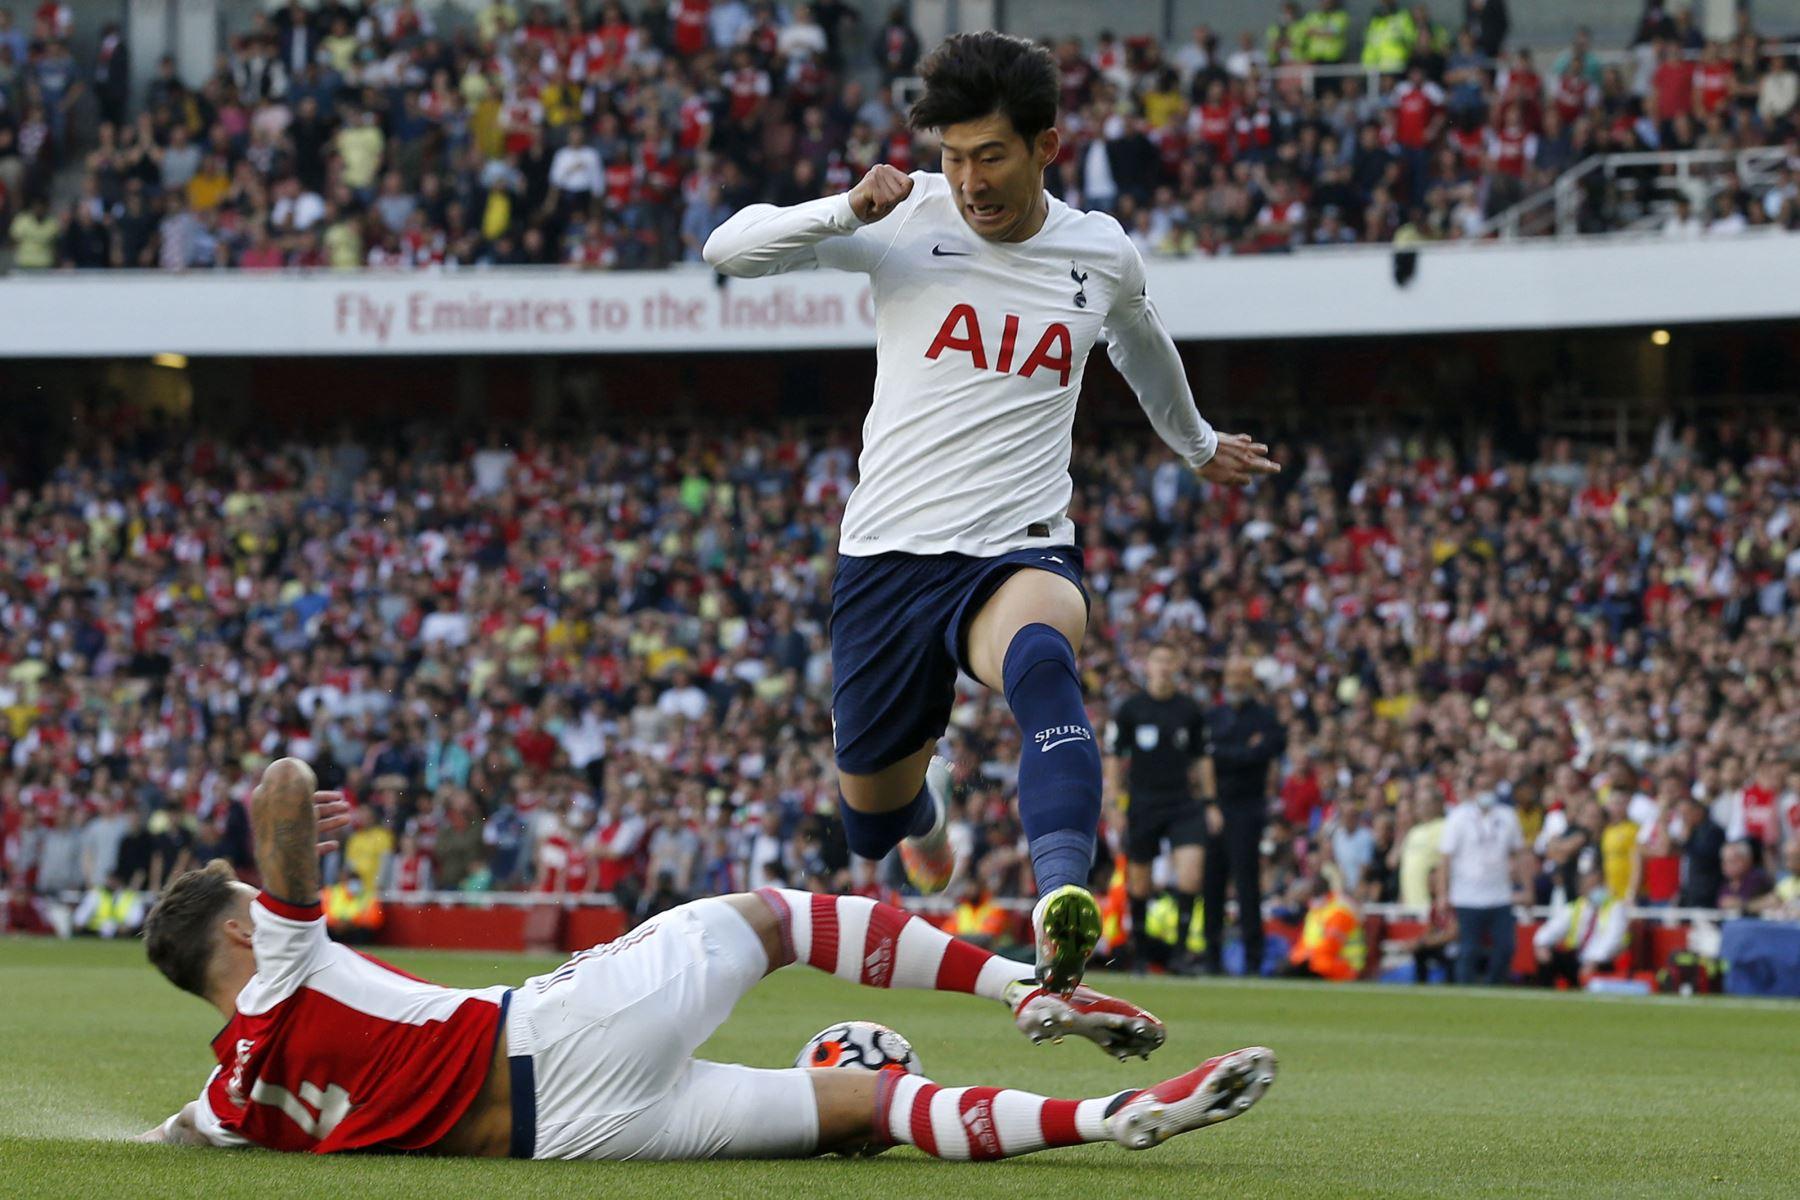 El delantero surcoreano del Tottenham Hotspur, Son Heung-Min, es abordado por el defensor inglés del Arsenal, Ben White, durante el partido de la Premier League. Foto: AFP